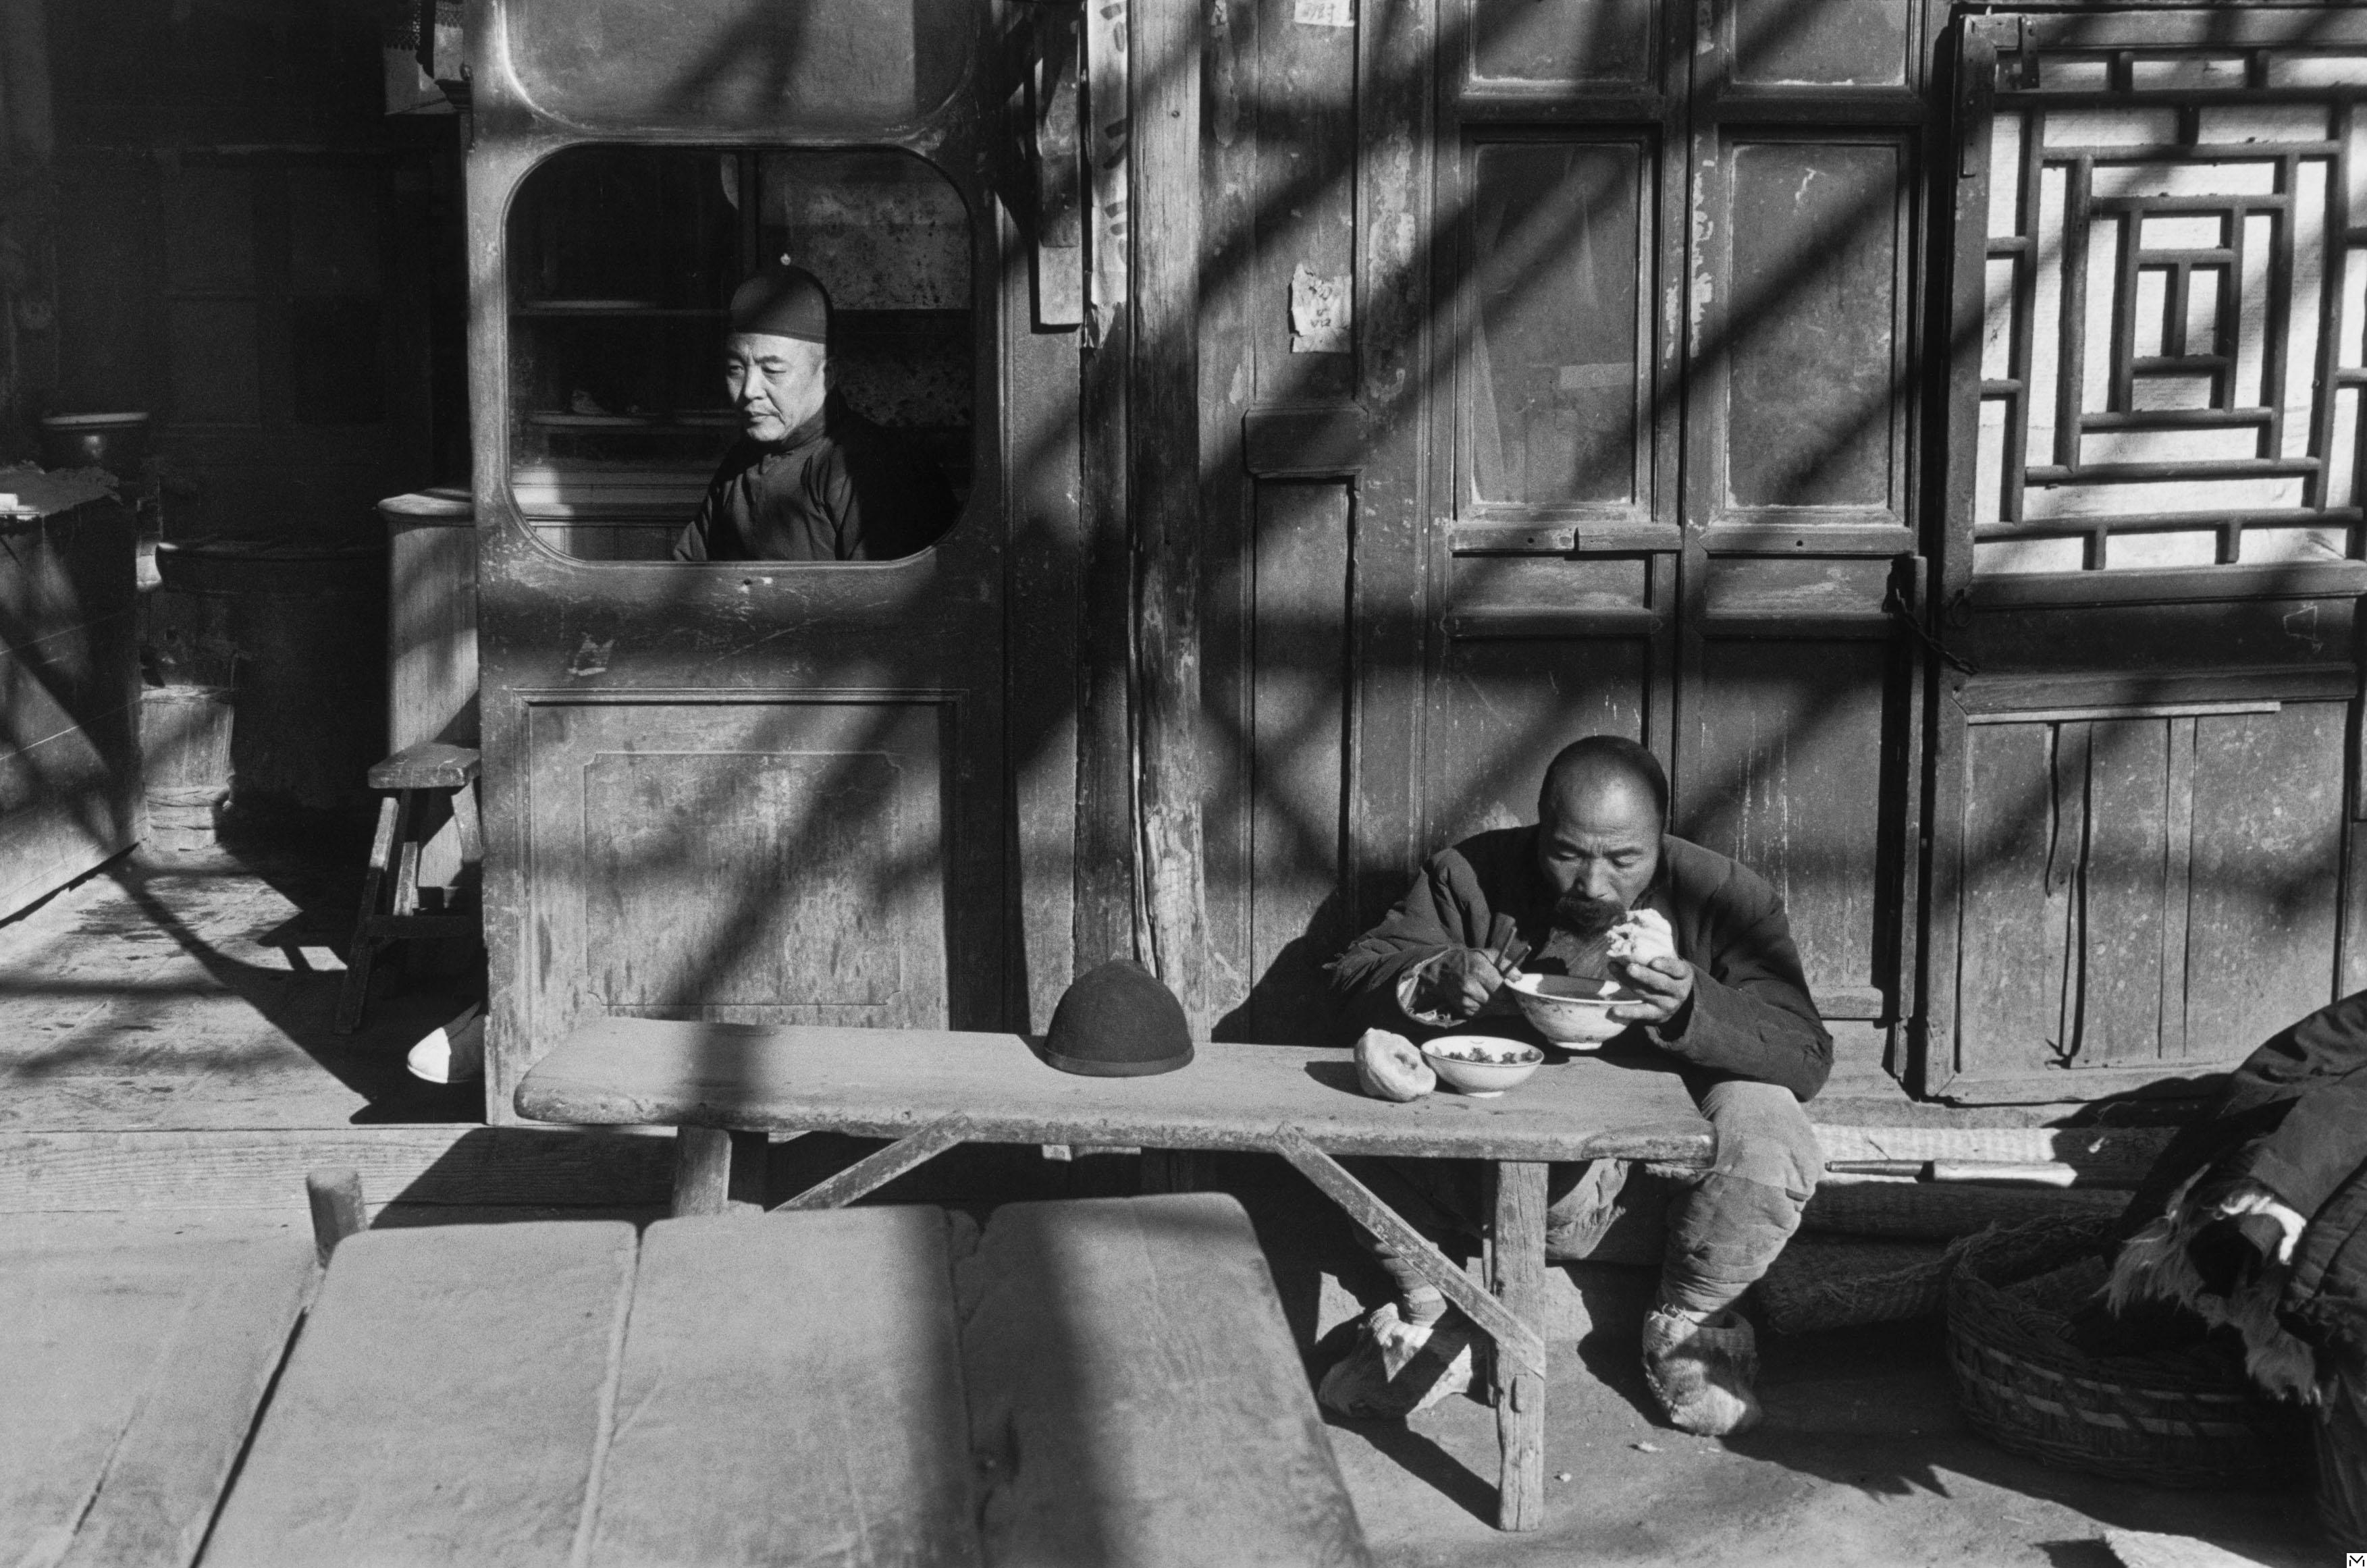 À l'entrée d'une taverne, Beijing, décembre 1948 © Fondation HCB / Magnum Photos